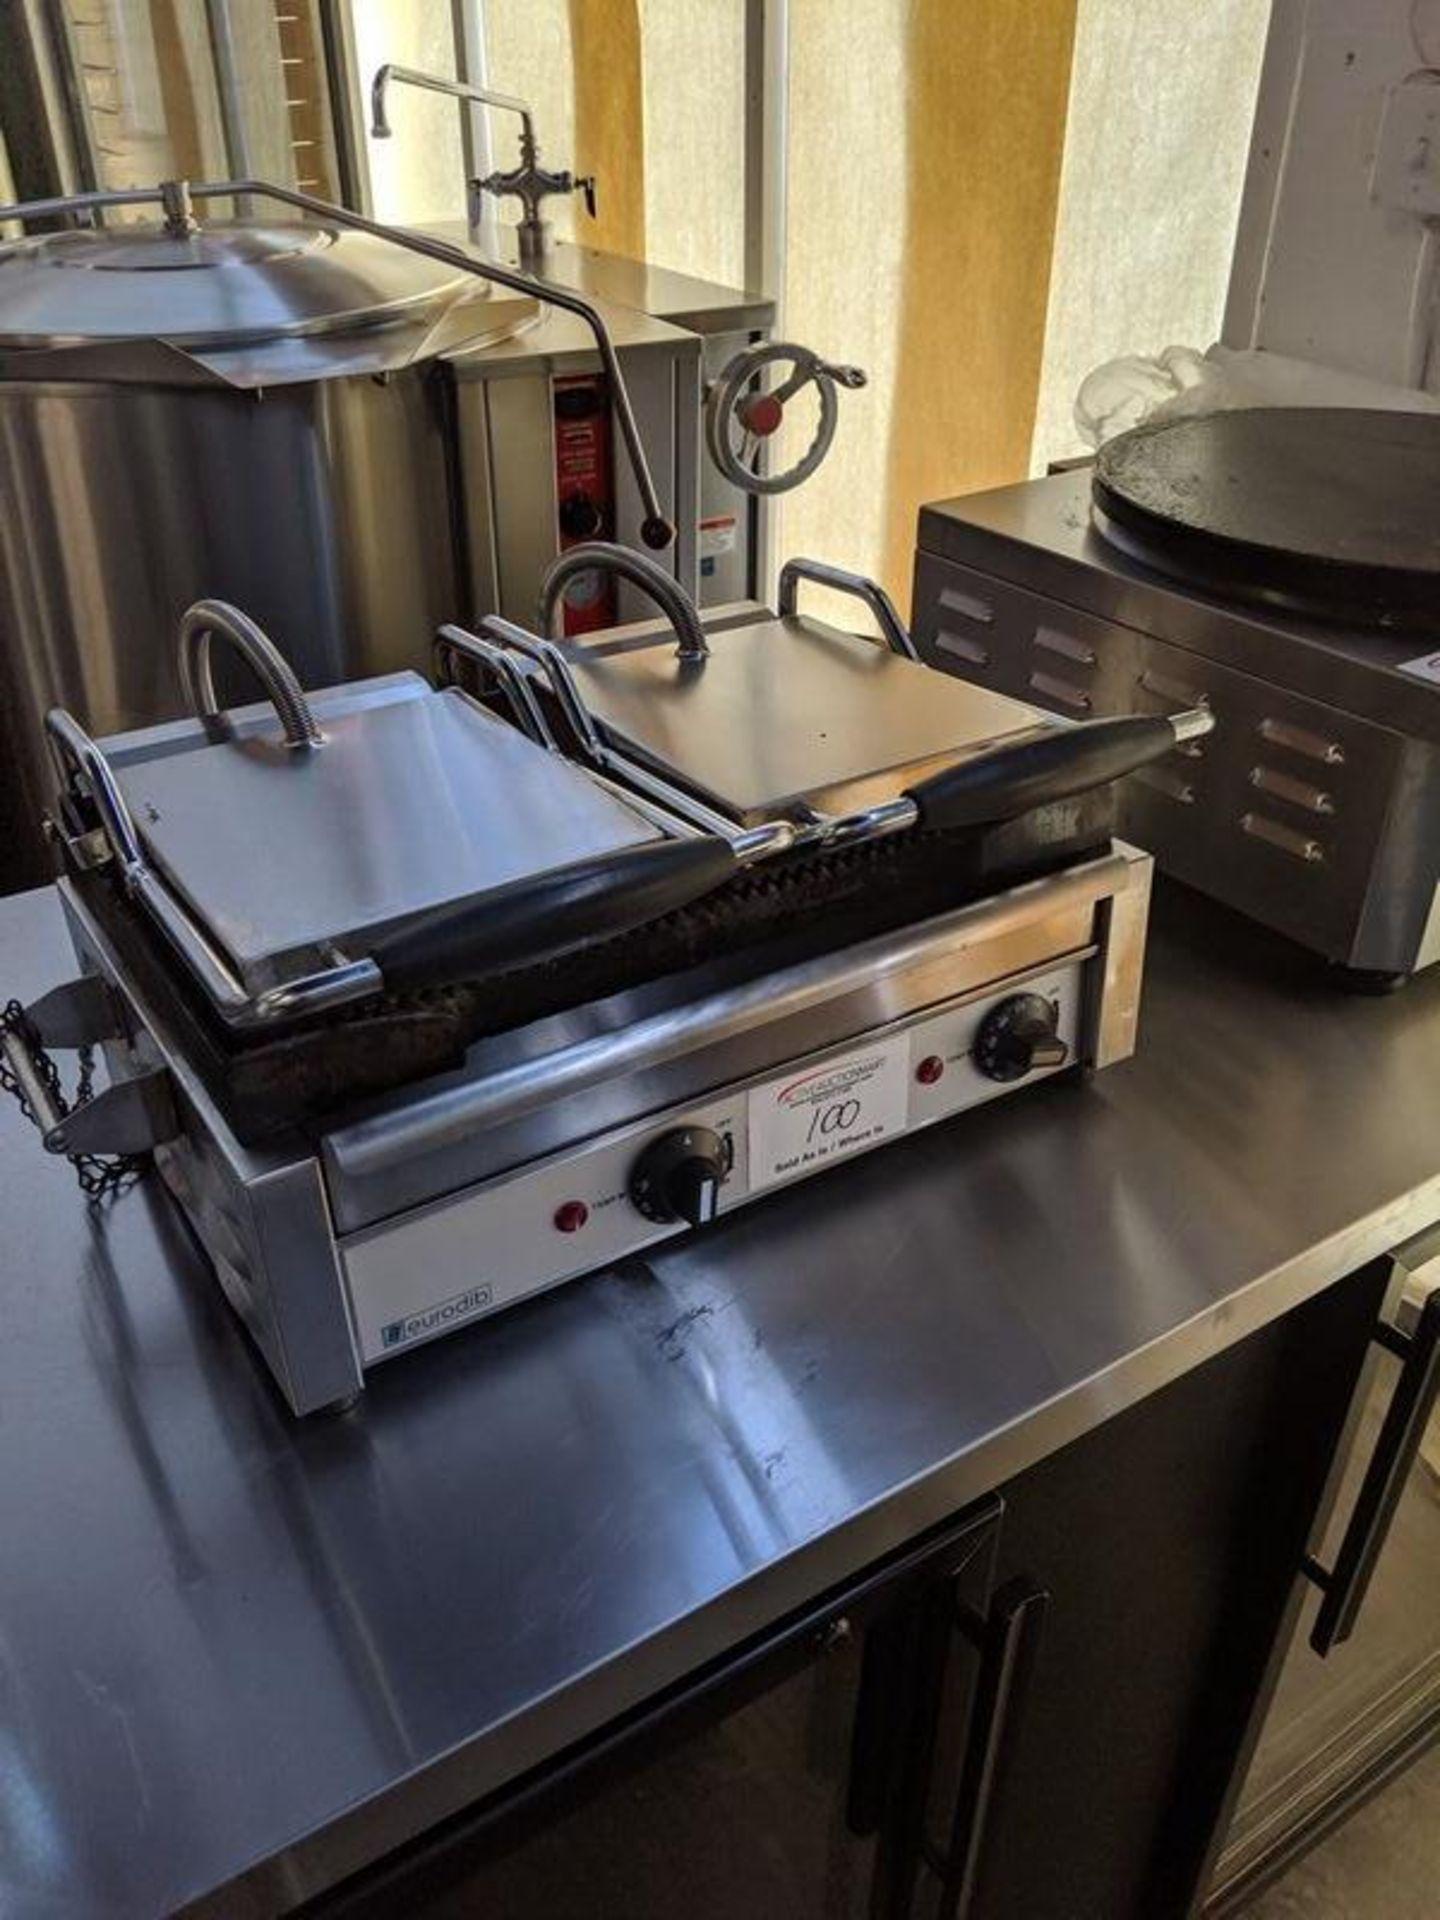 Lot 100 - Eurodib Twin Head Panini Grill